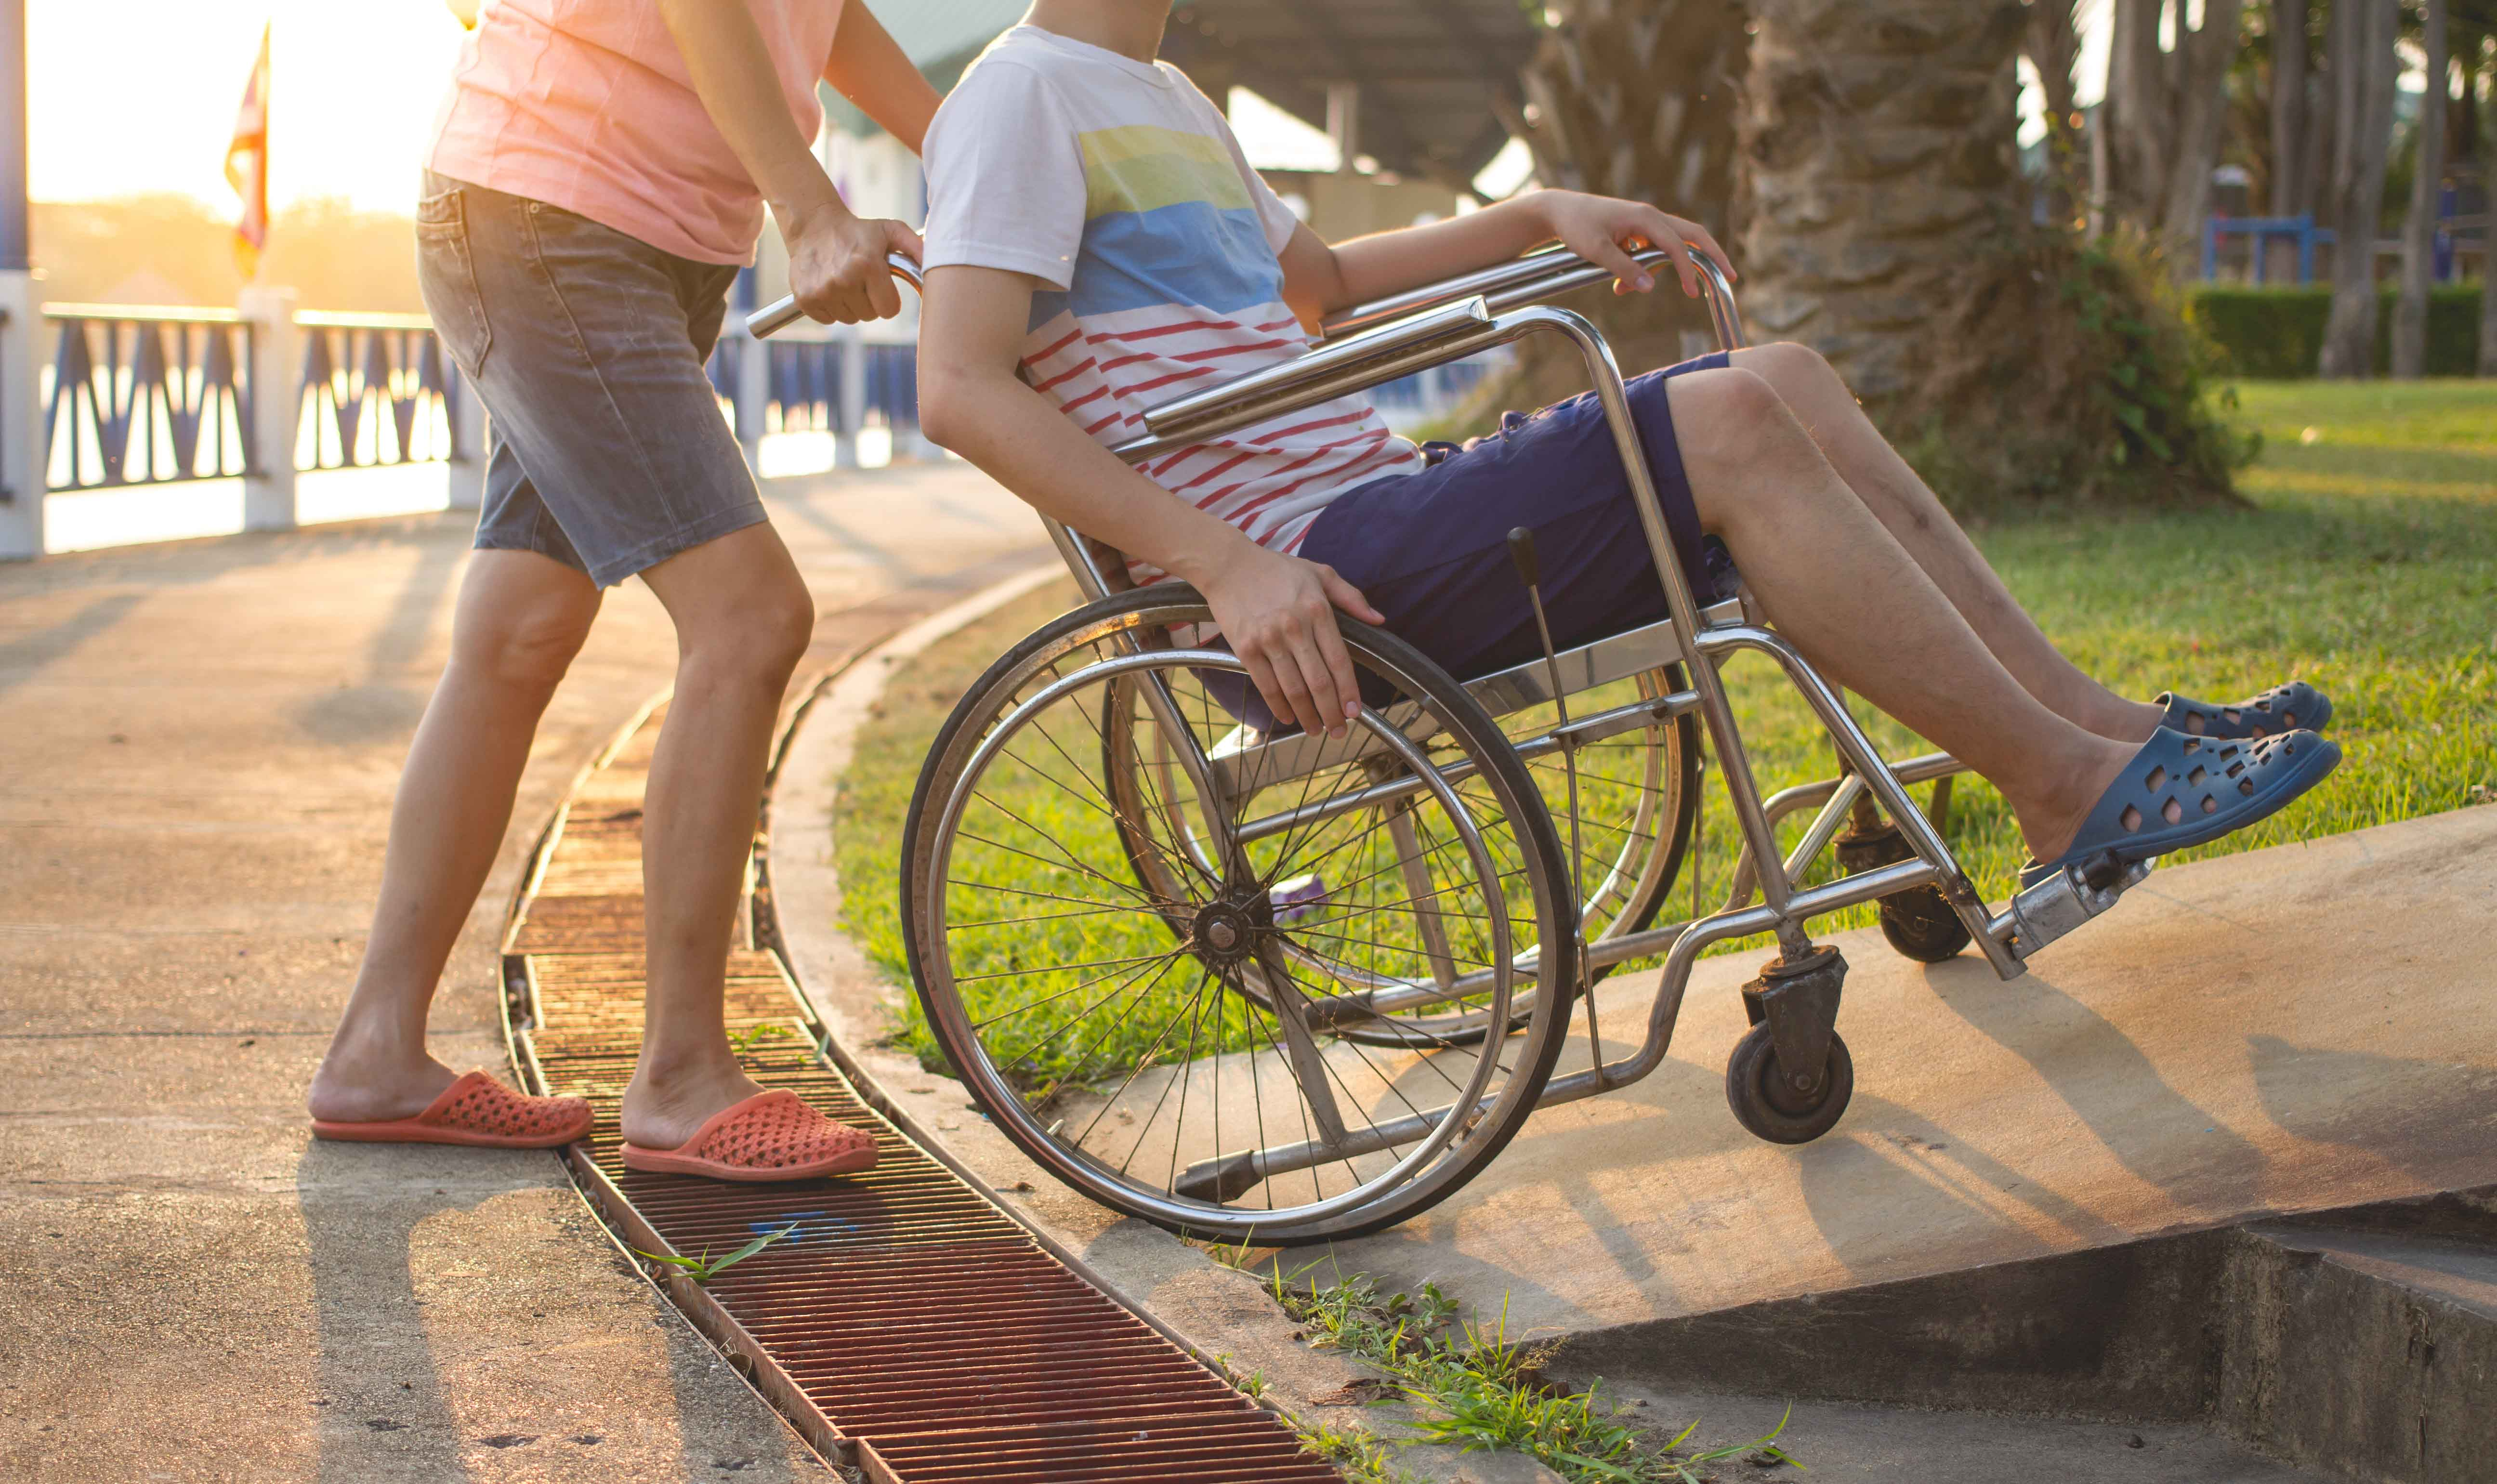 Mujer ayudando a chico en silla de ruedas a subir una rampa